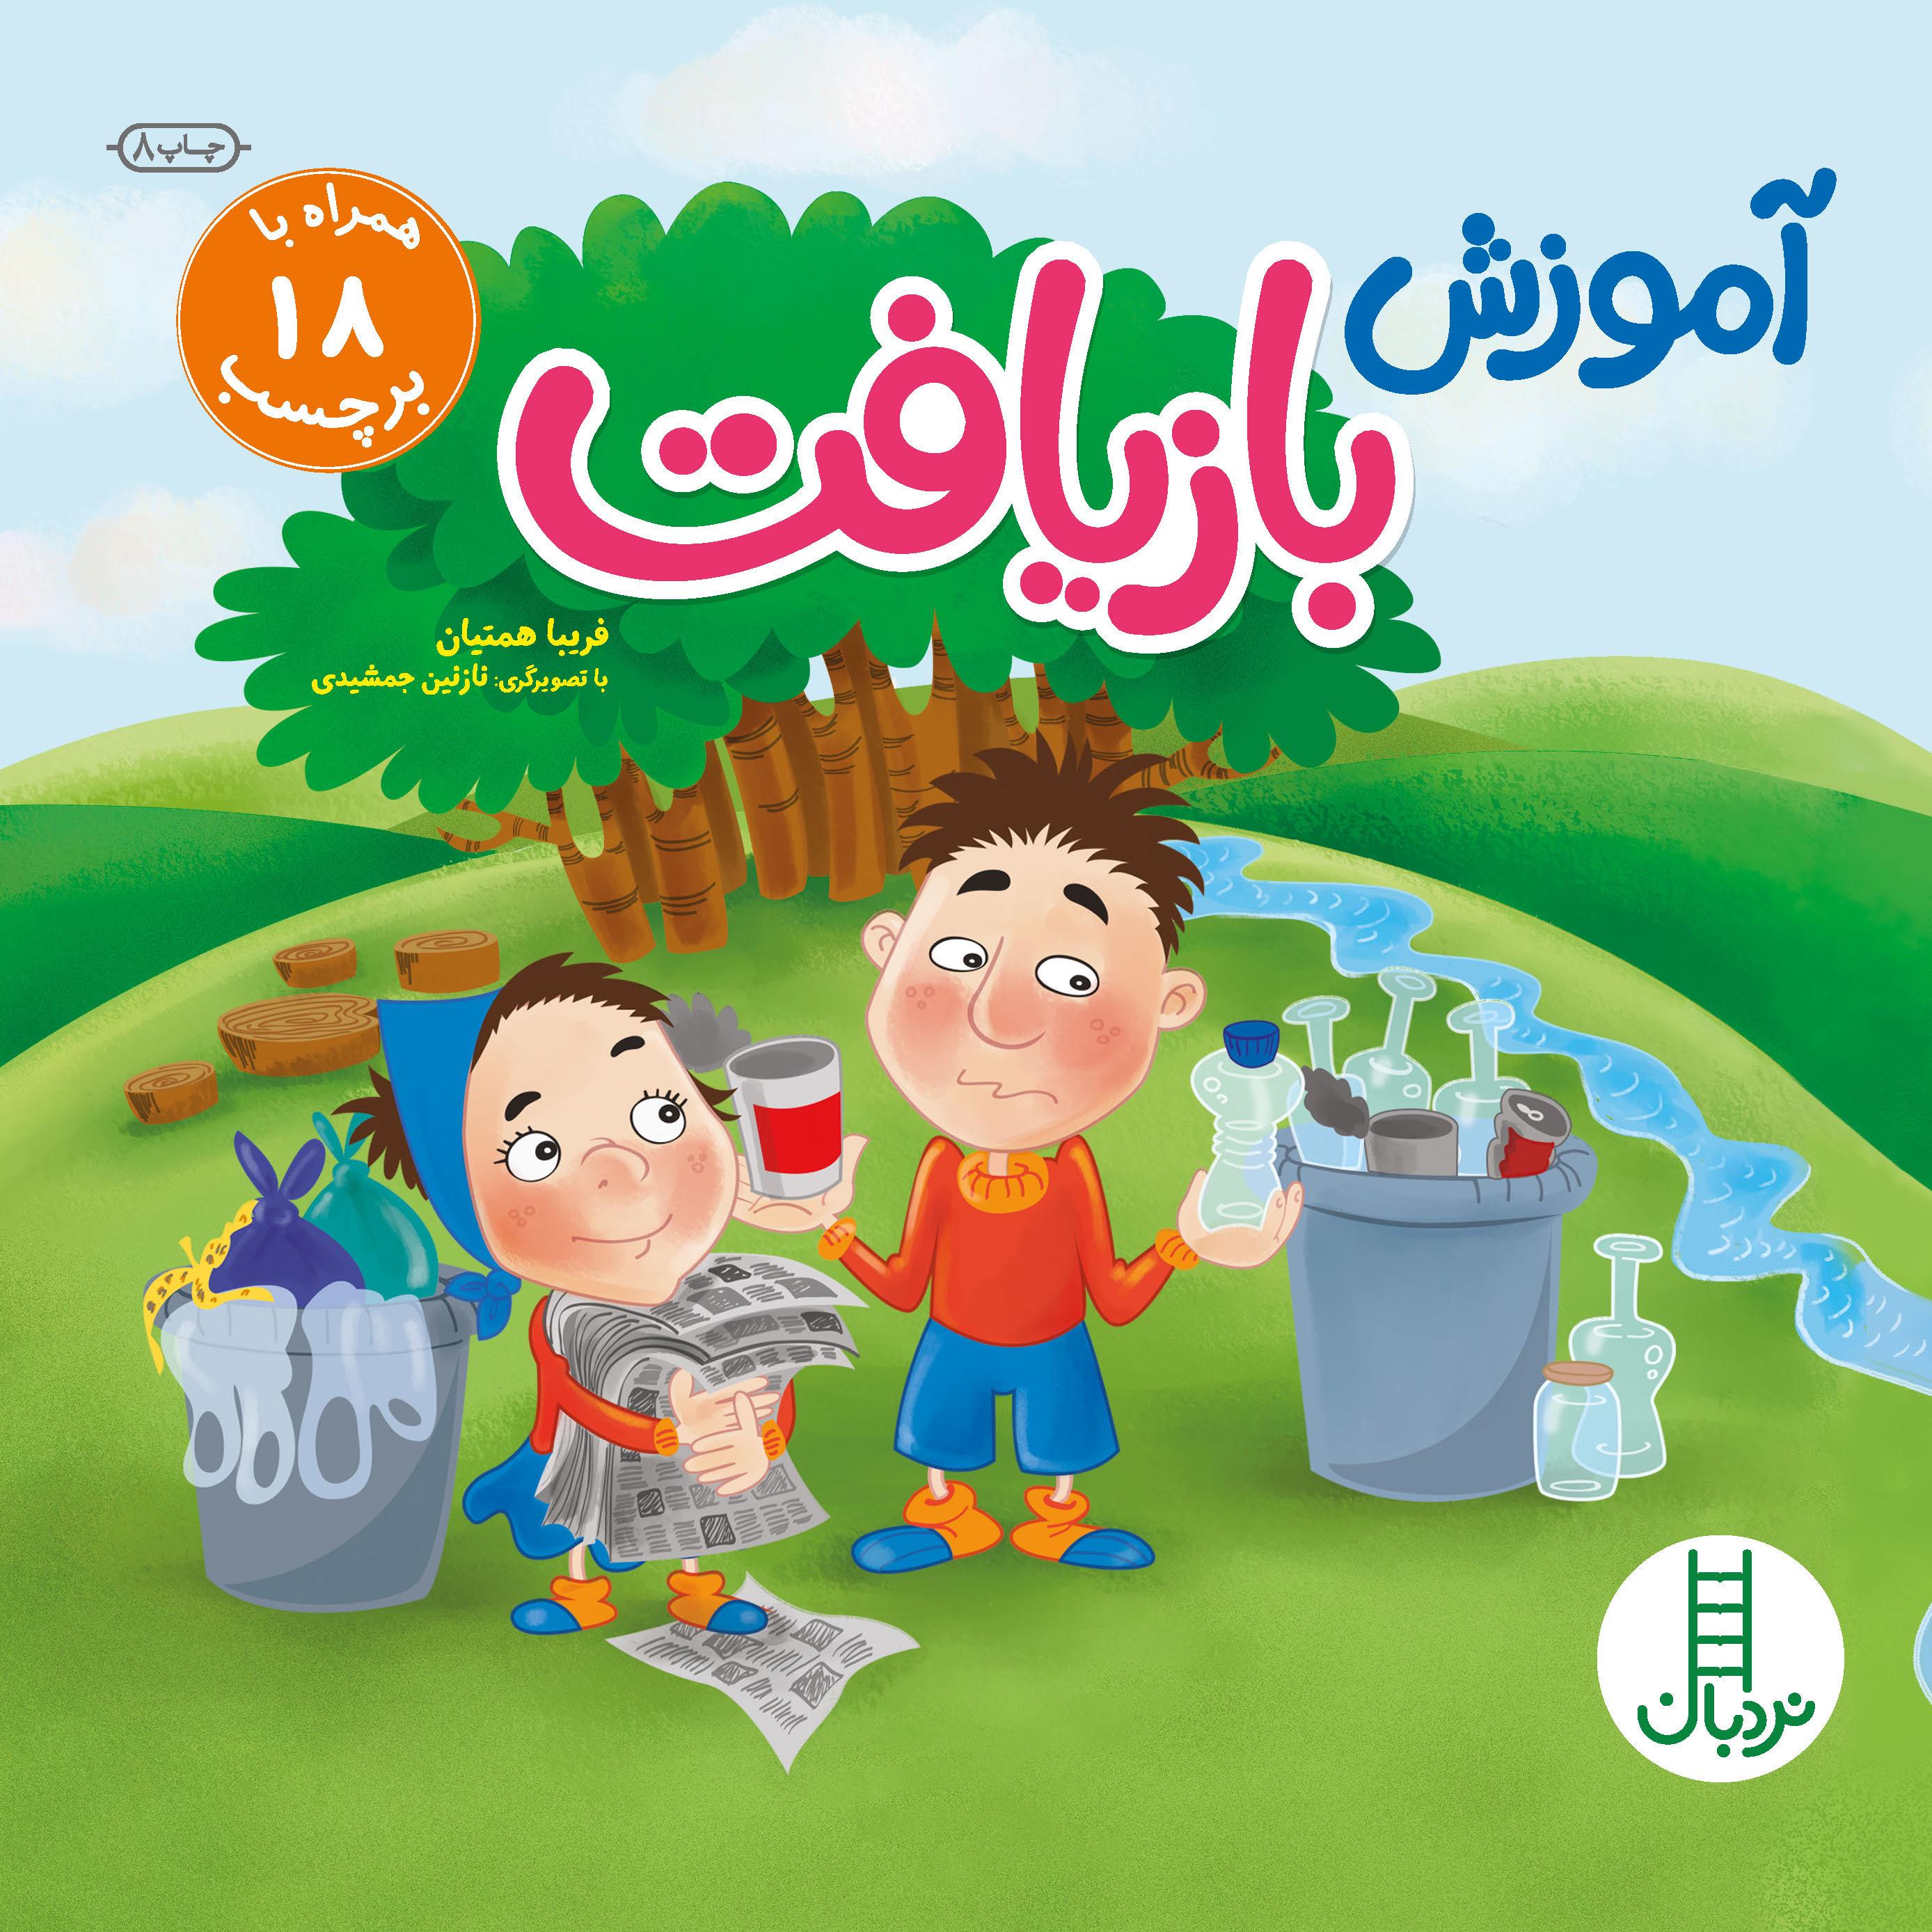 آموزش بازیافت (بچسبان و بیاموز)...